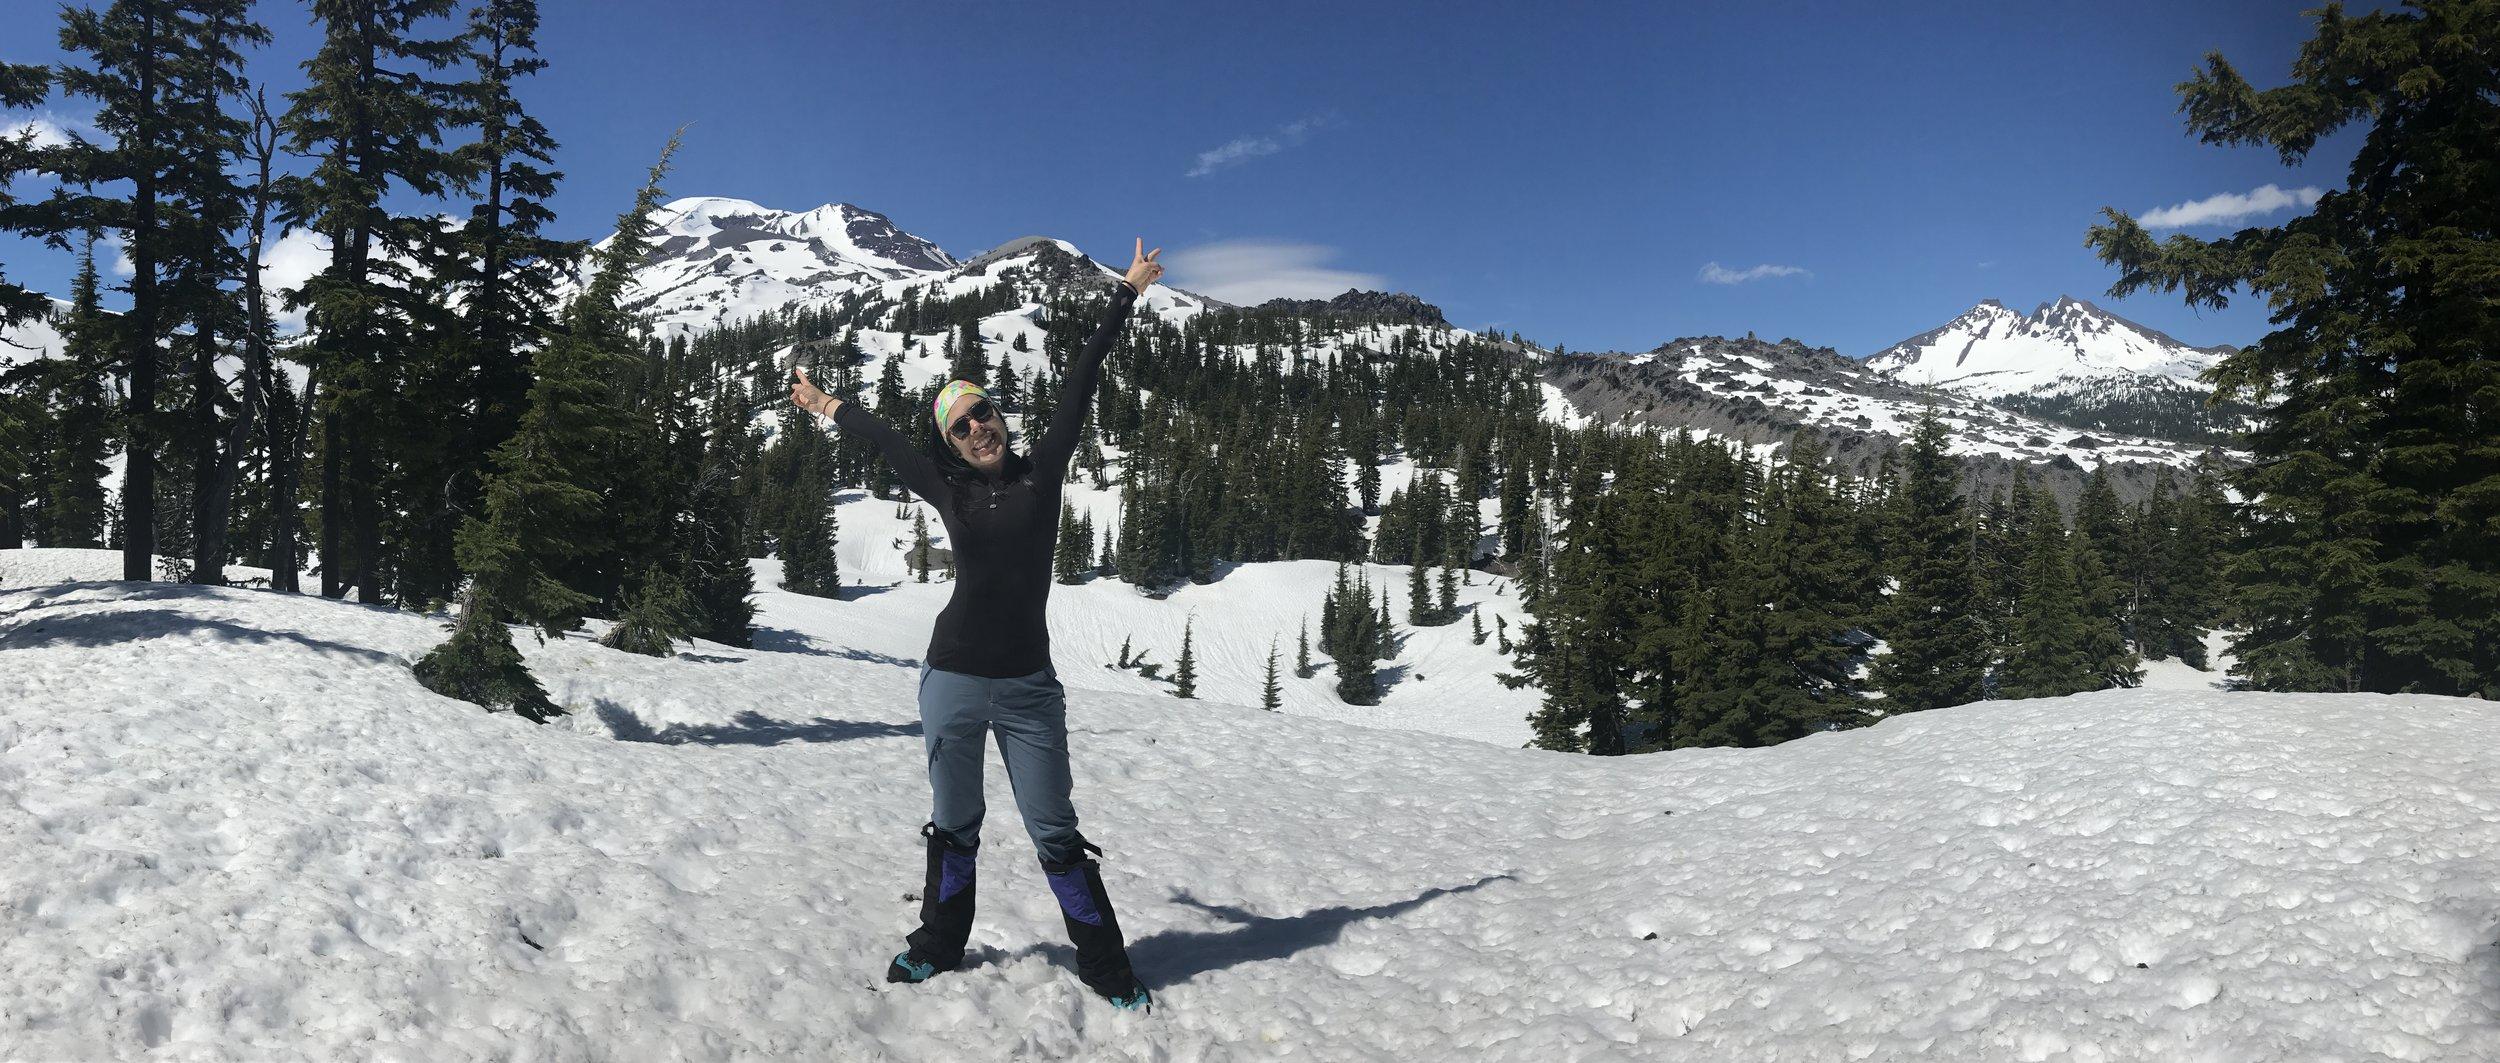 A las 11:30 am empezó nuestro ascenso para la imponente South Sister. Mi emoción no cabía en el pecho. Al iniciar el recorrido, lo primero que encontramos fue un clima bastante cálido y soleado pero con un suelo lleno de nieve dura.